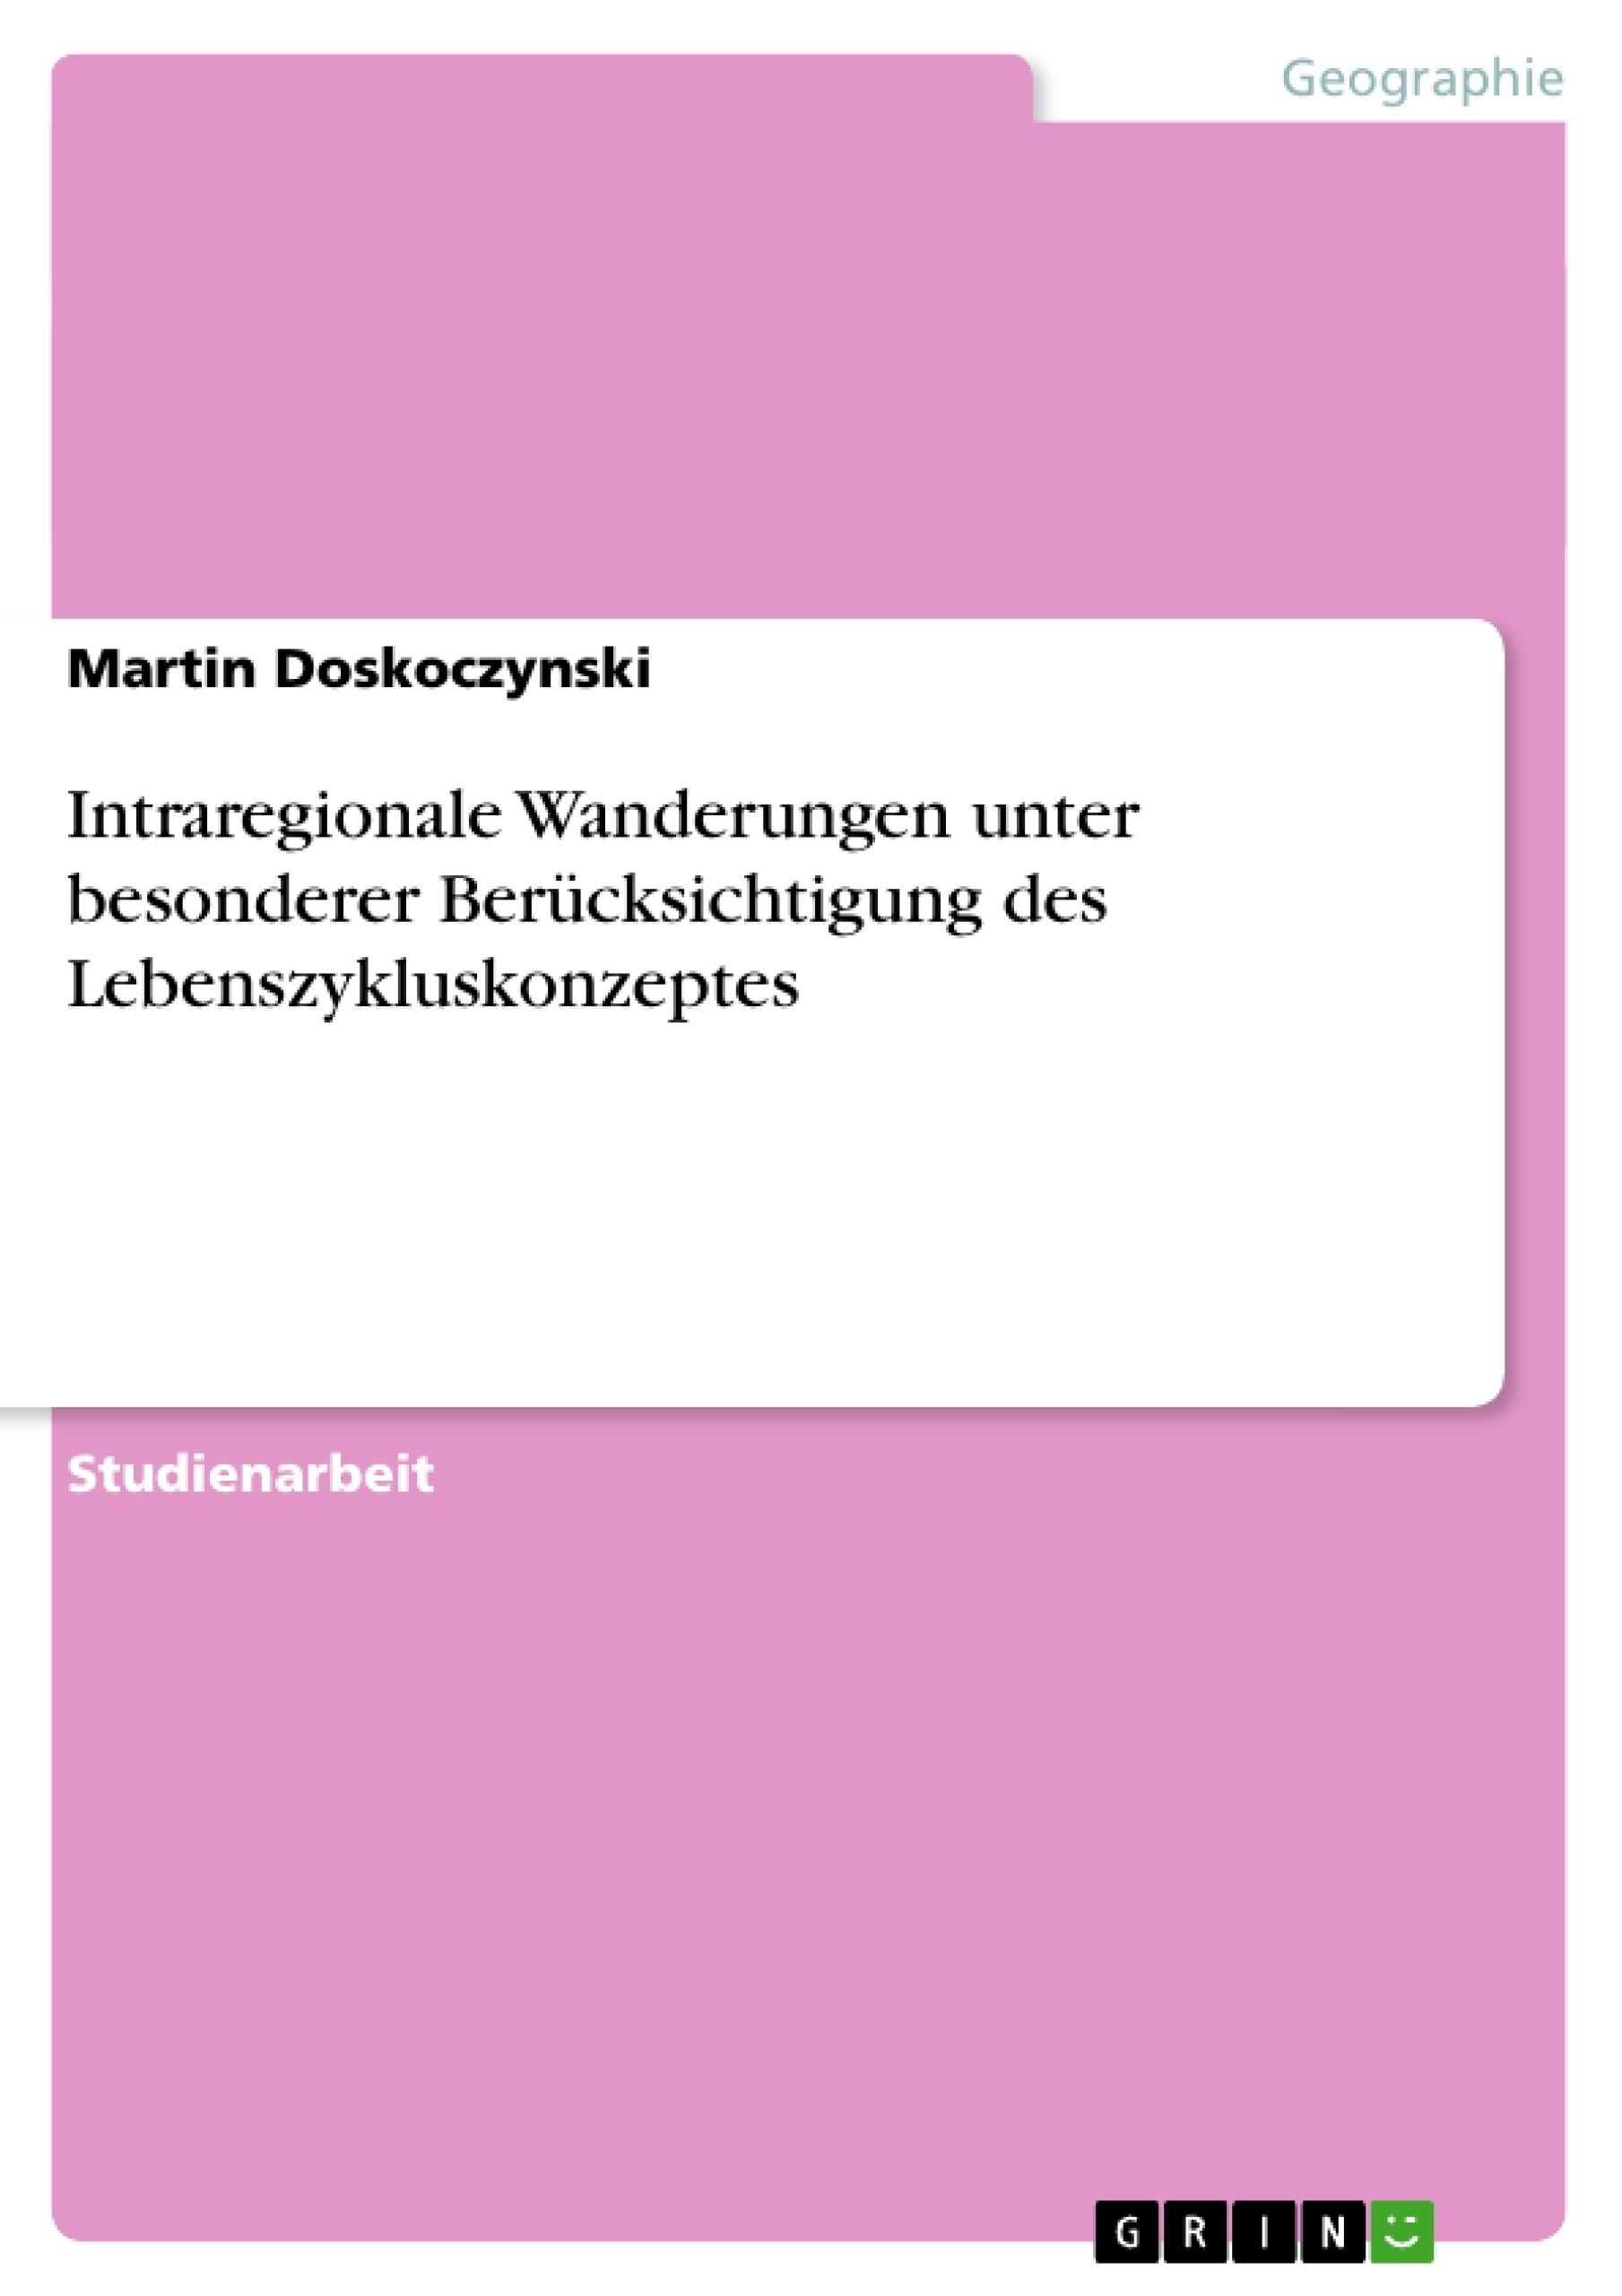 Titel: Intraregionale Wanderungen unter besonderer Berücksichtigung des Lebenszykluskonzeptes